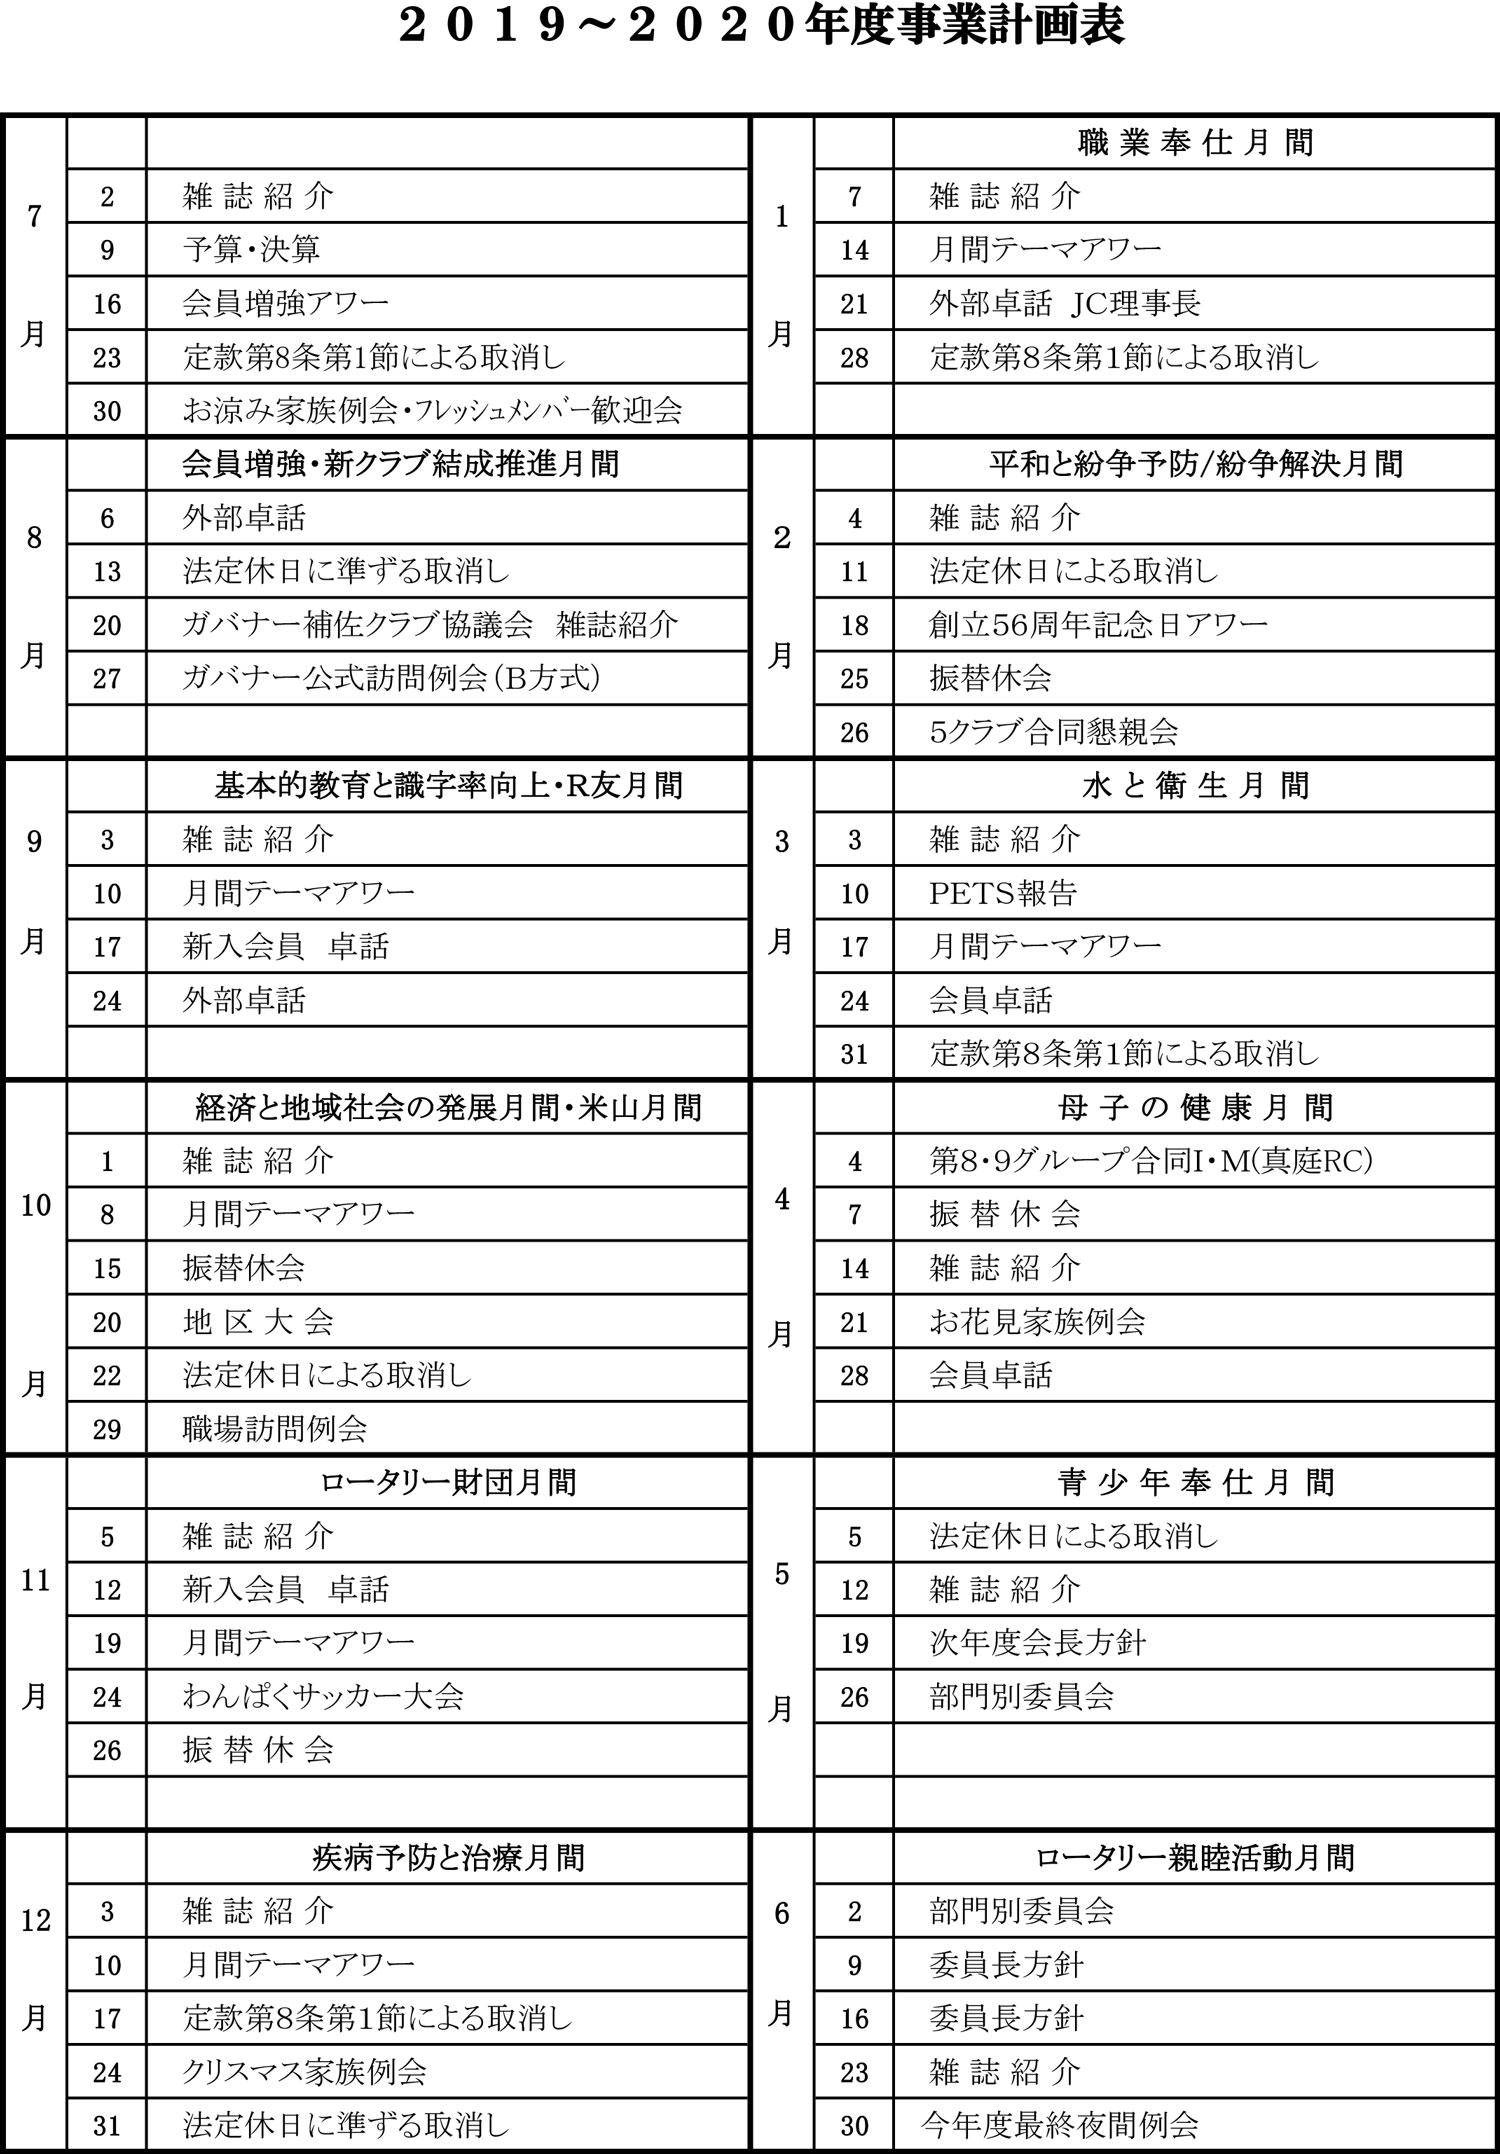 2018-2019年間計画